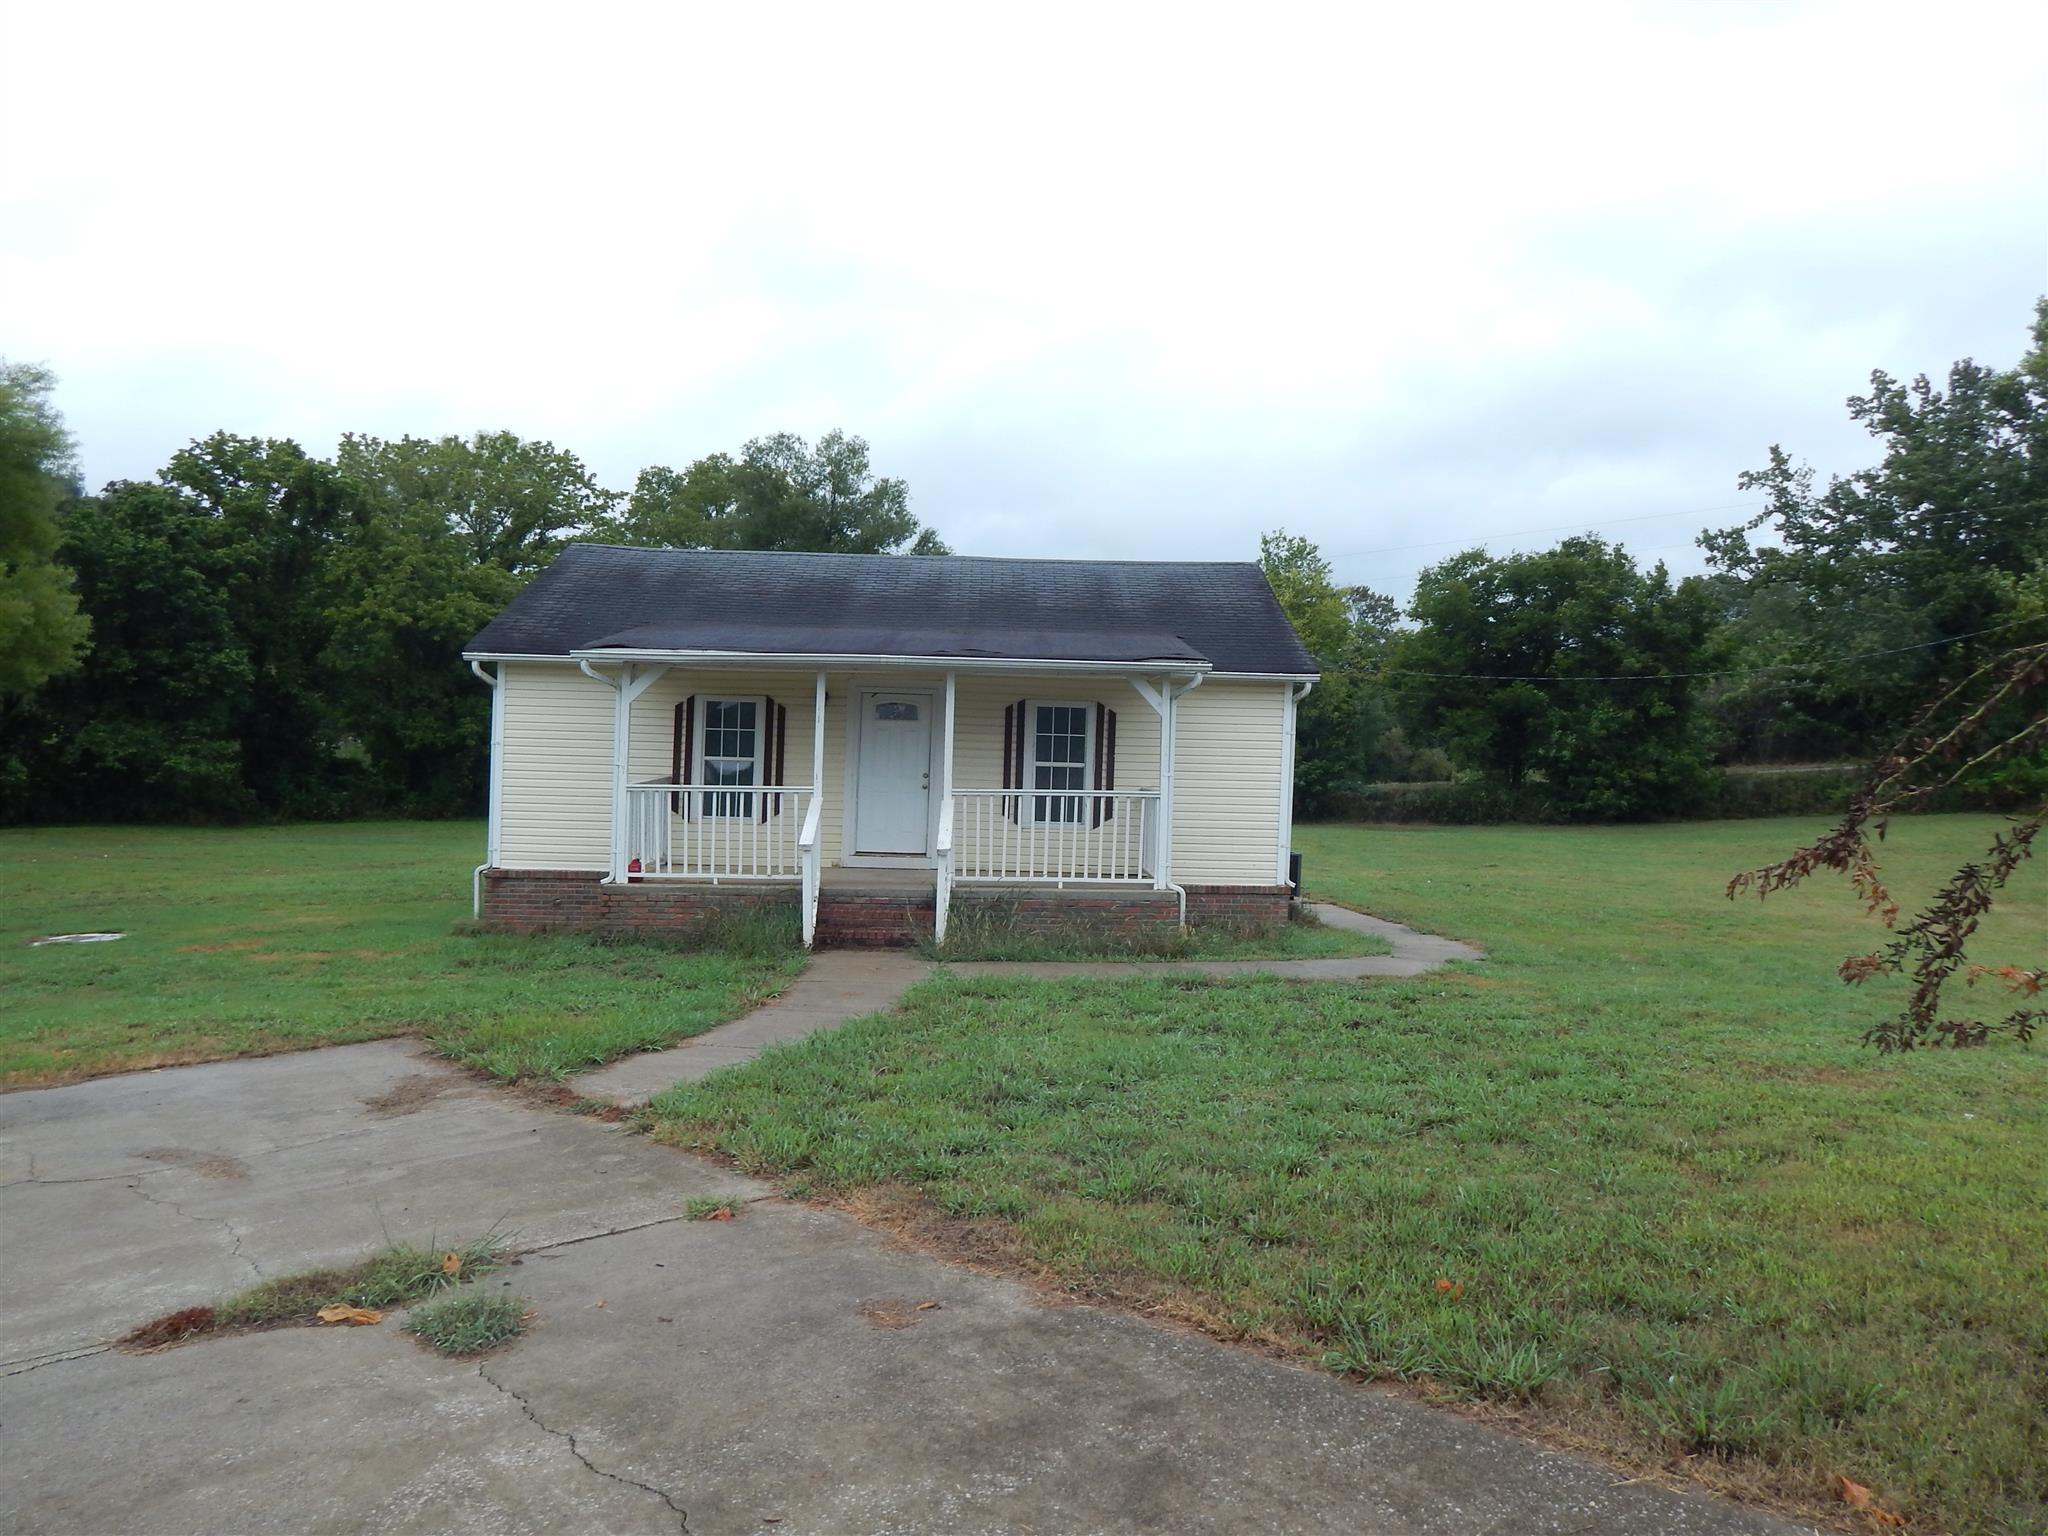 28855 Hwy 127, Elkmont, AL 35620 - Elkmont, AL real estate listing